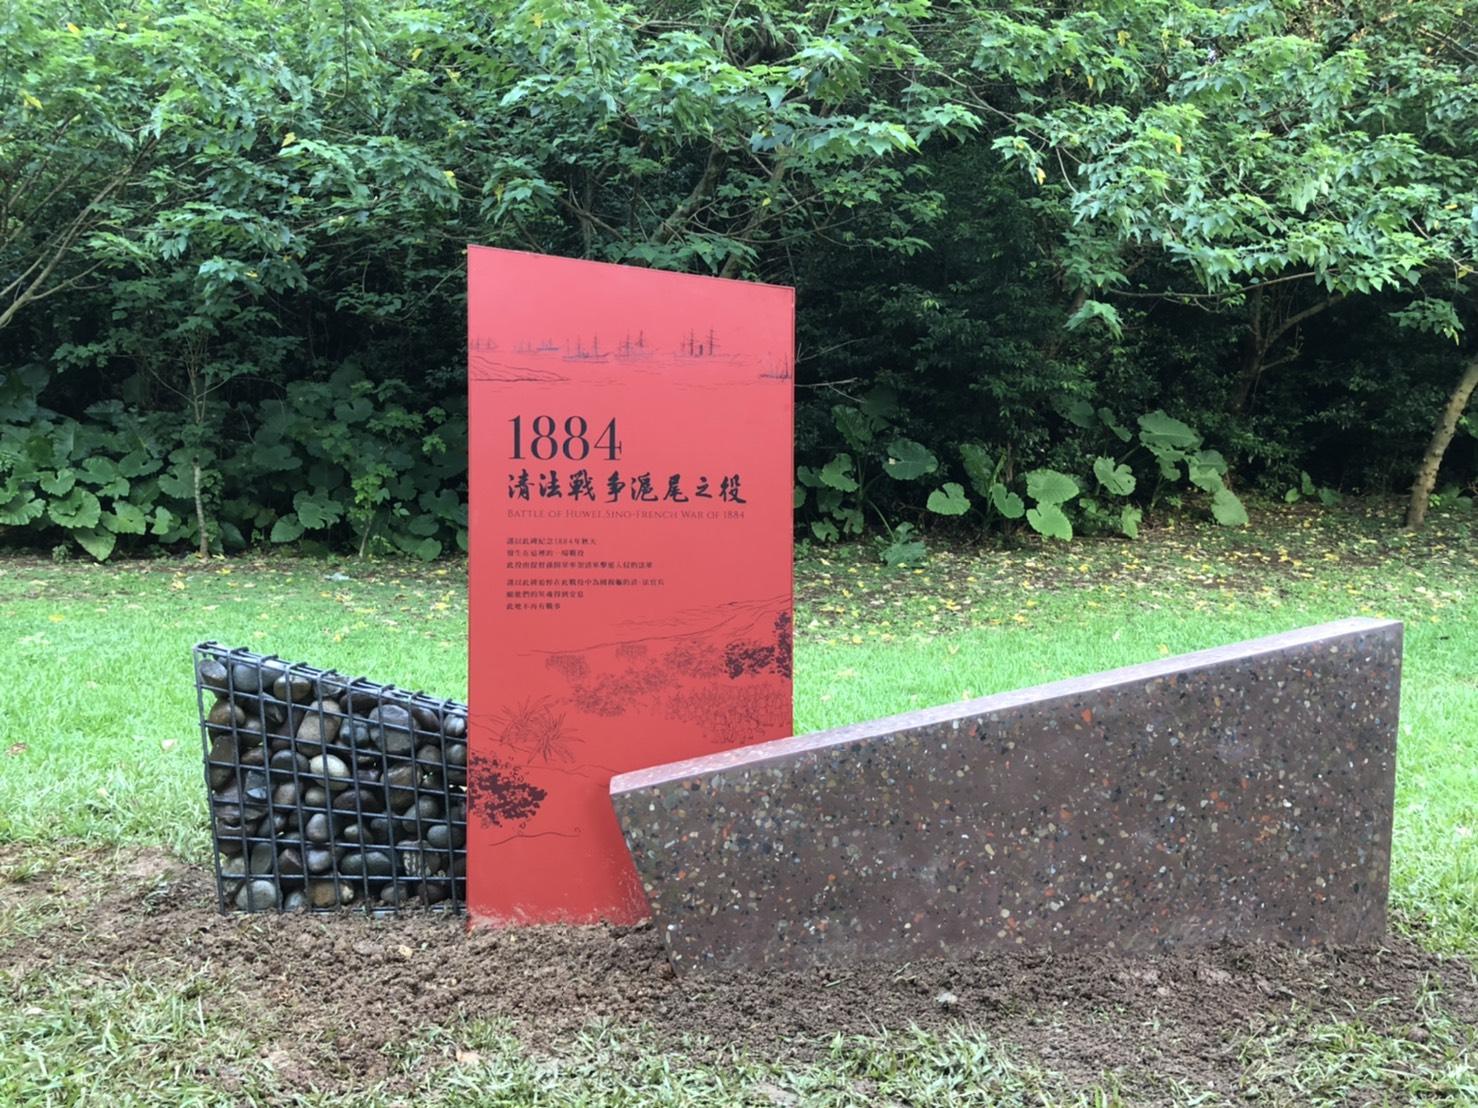 清法戰爭滬尾之役紀念碑